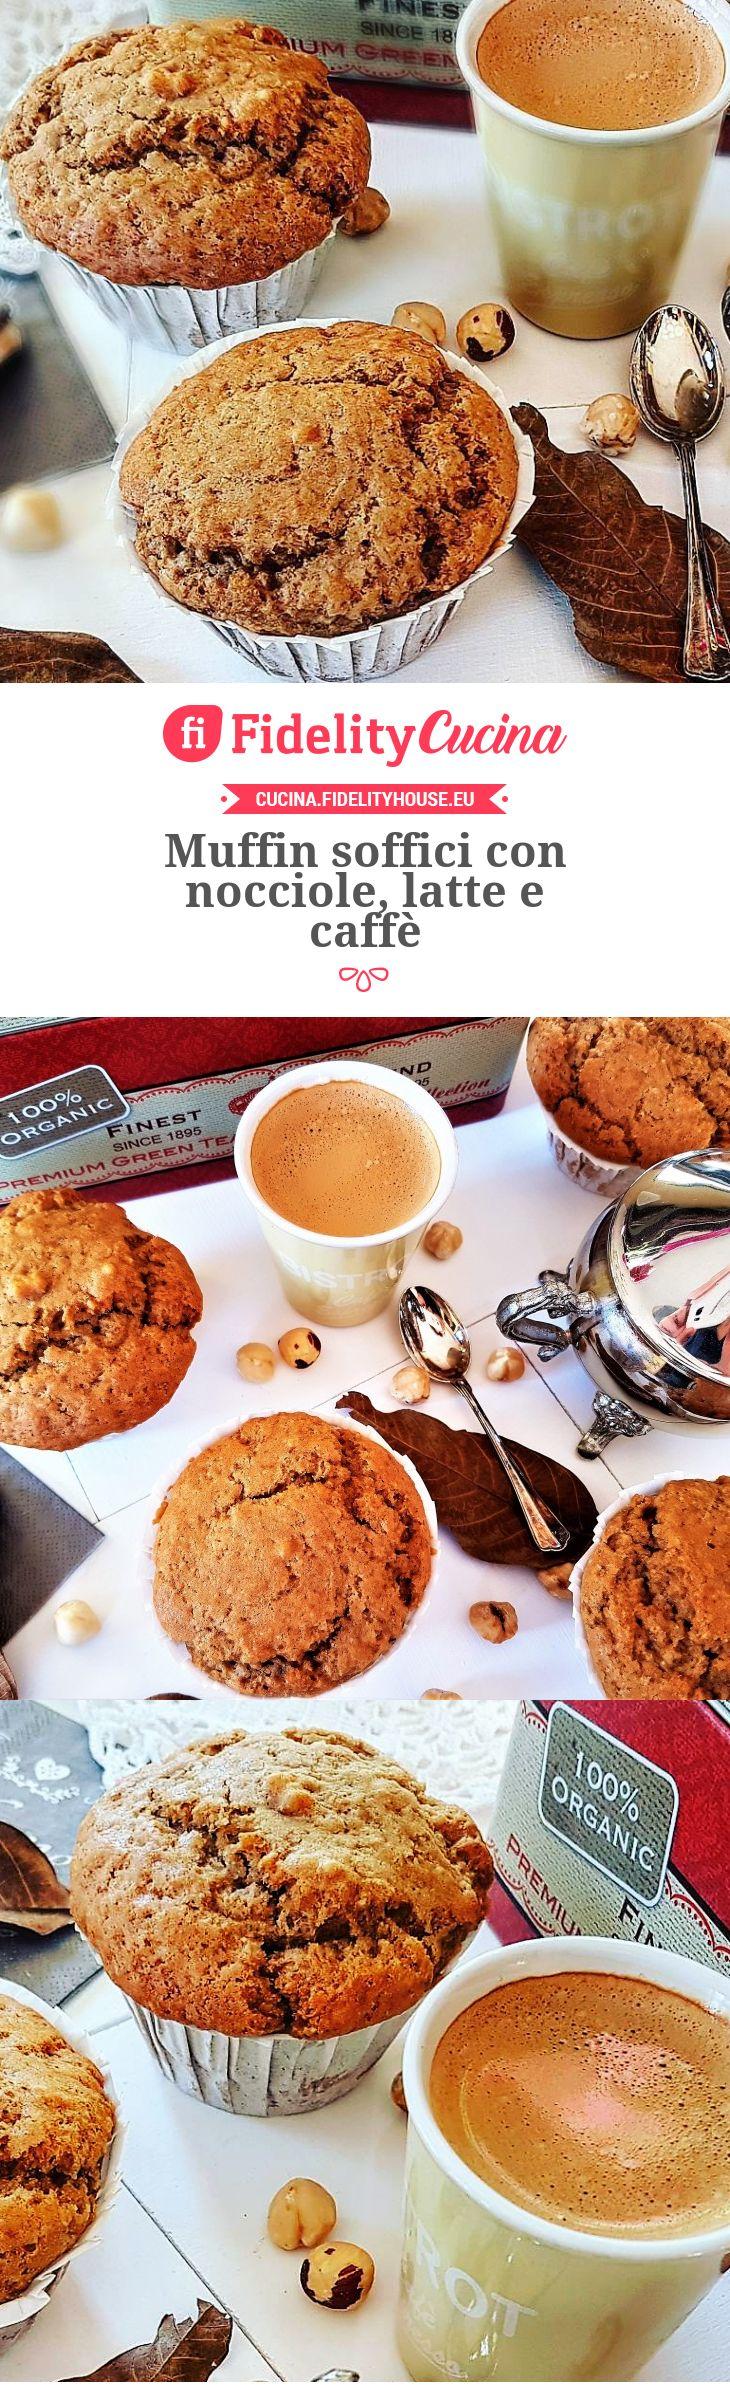 Muffin soffici con nocciole, latte e caffè